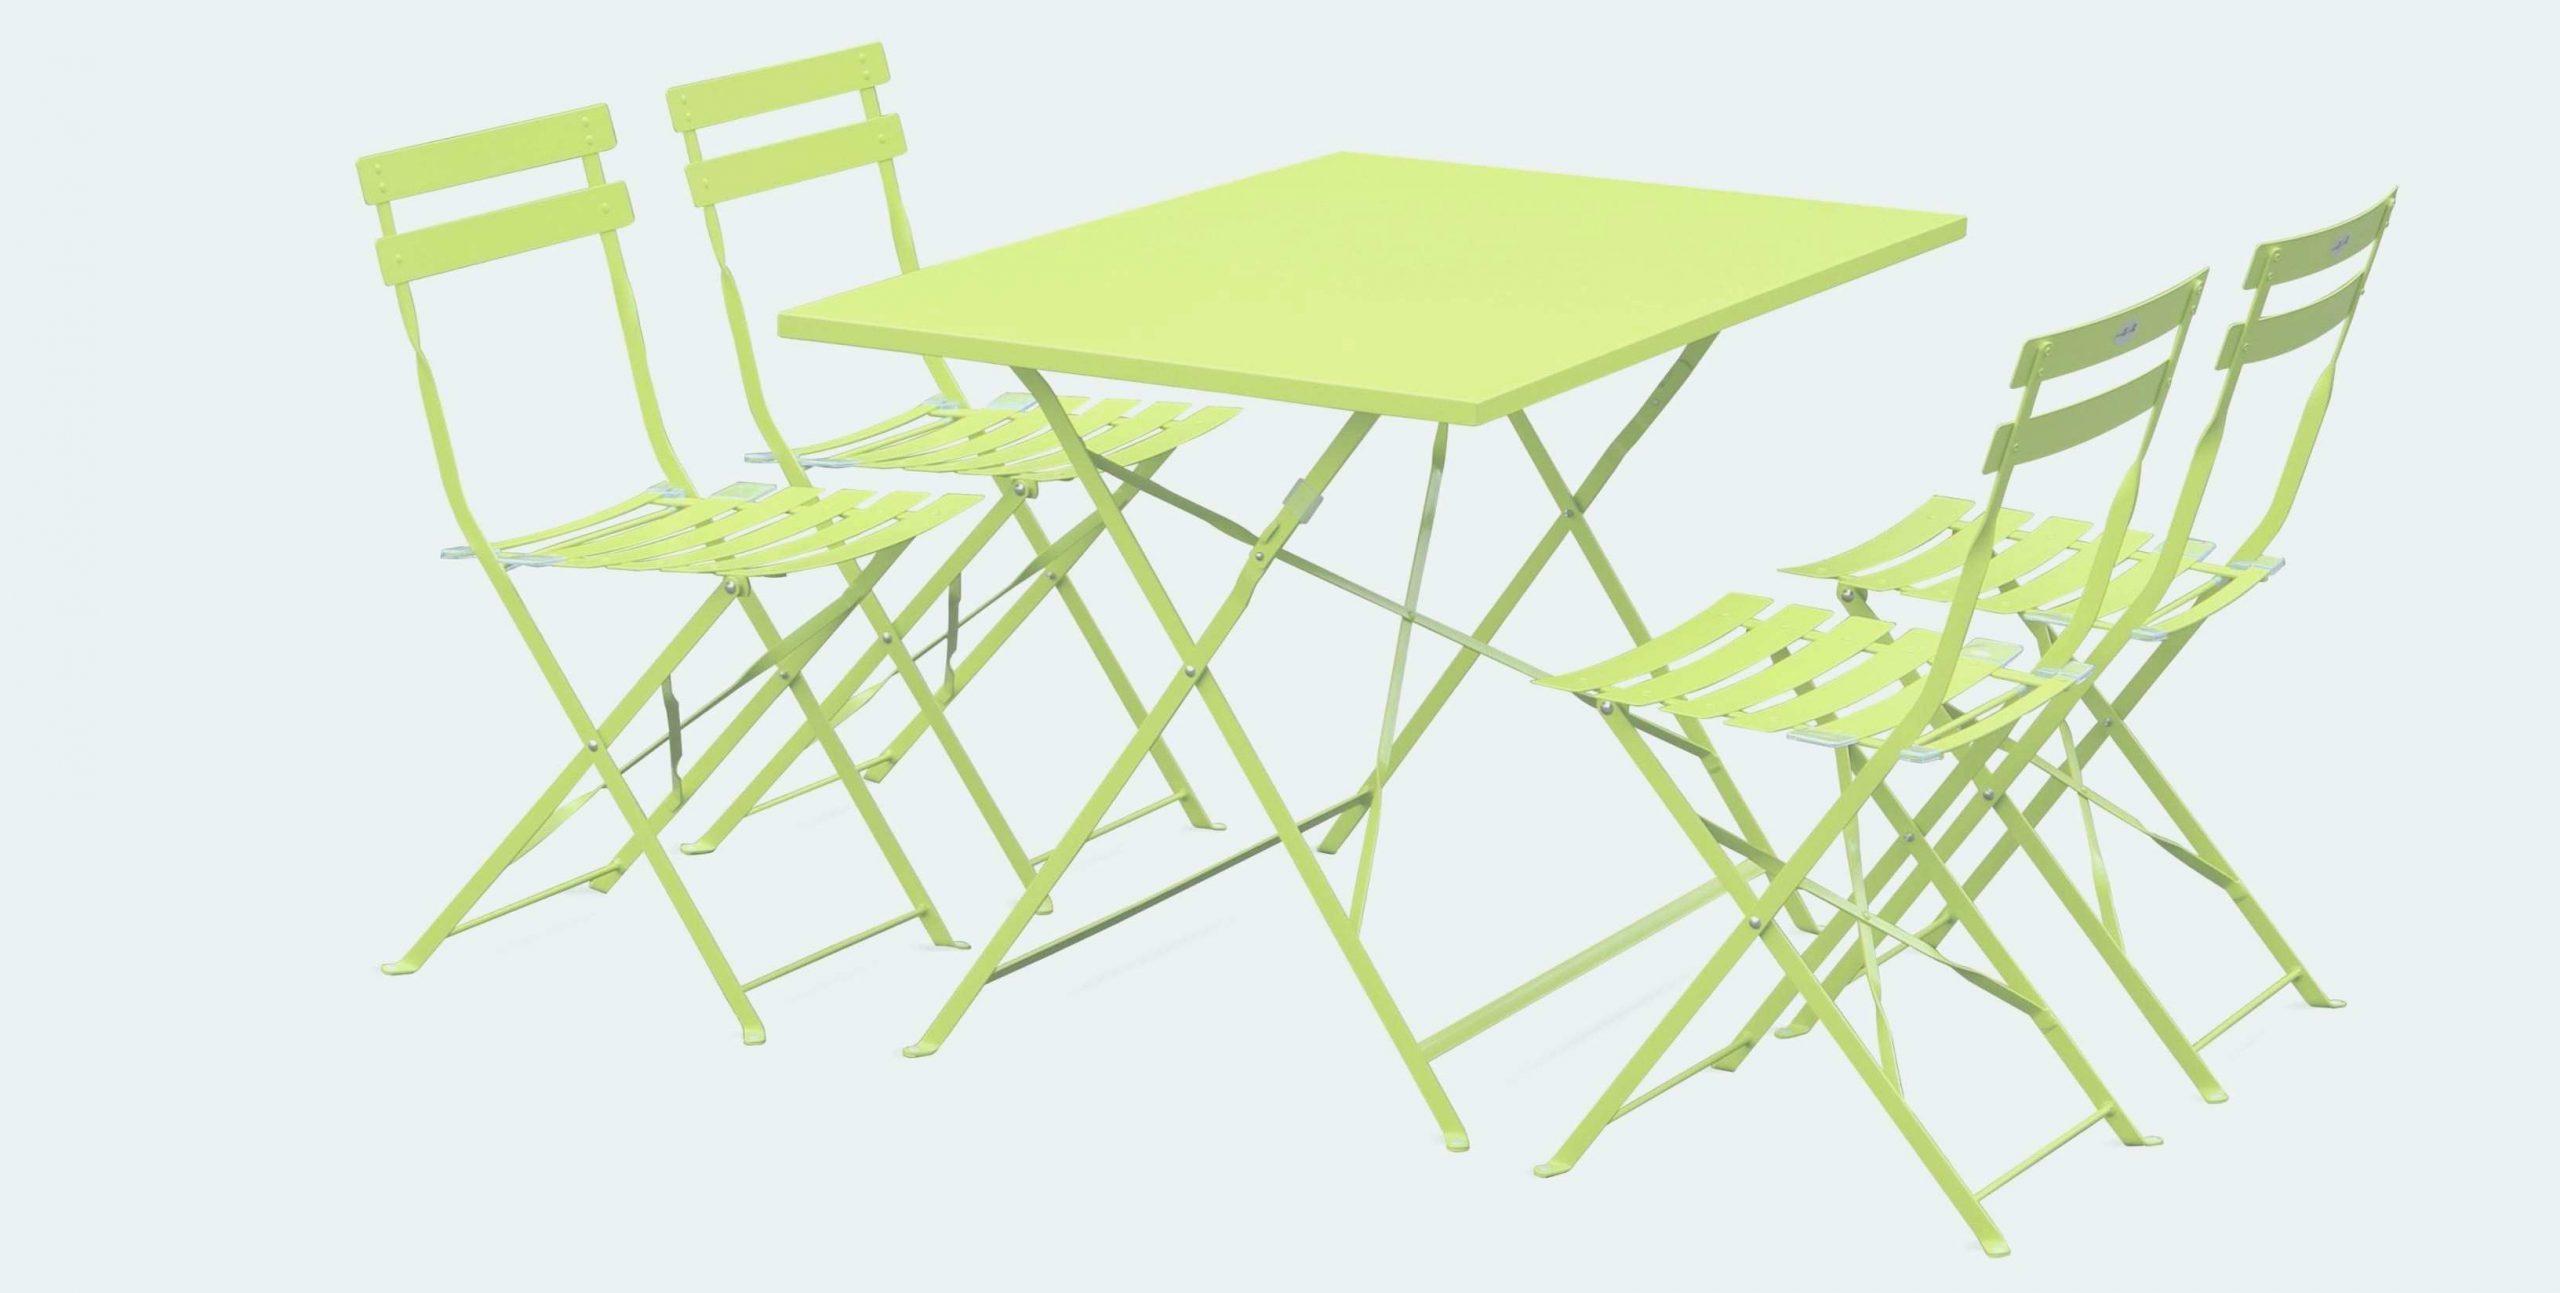 Auchan Table A Repasser - Alkotla. encequiconcerne Chaise De Jardin Auchan